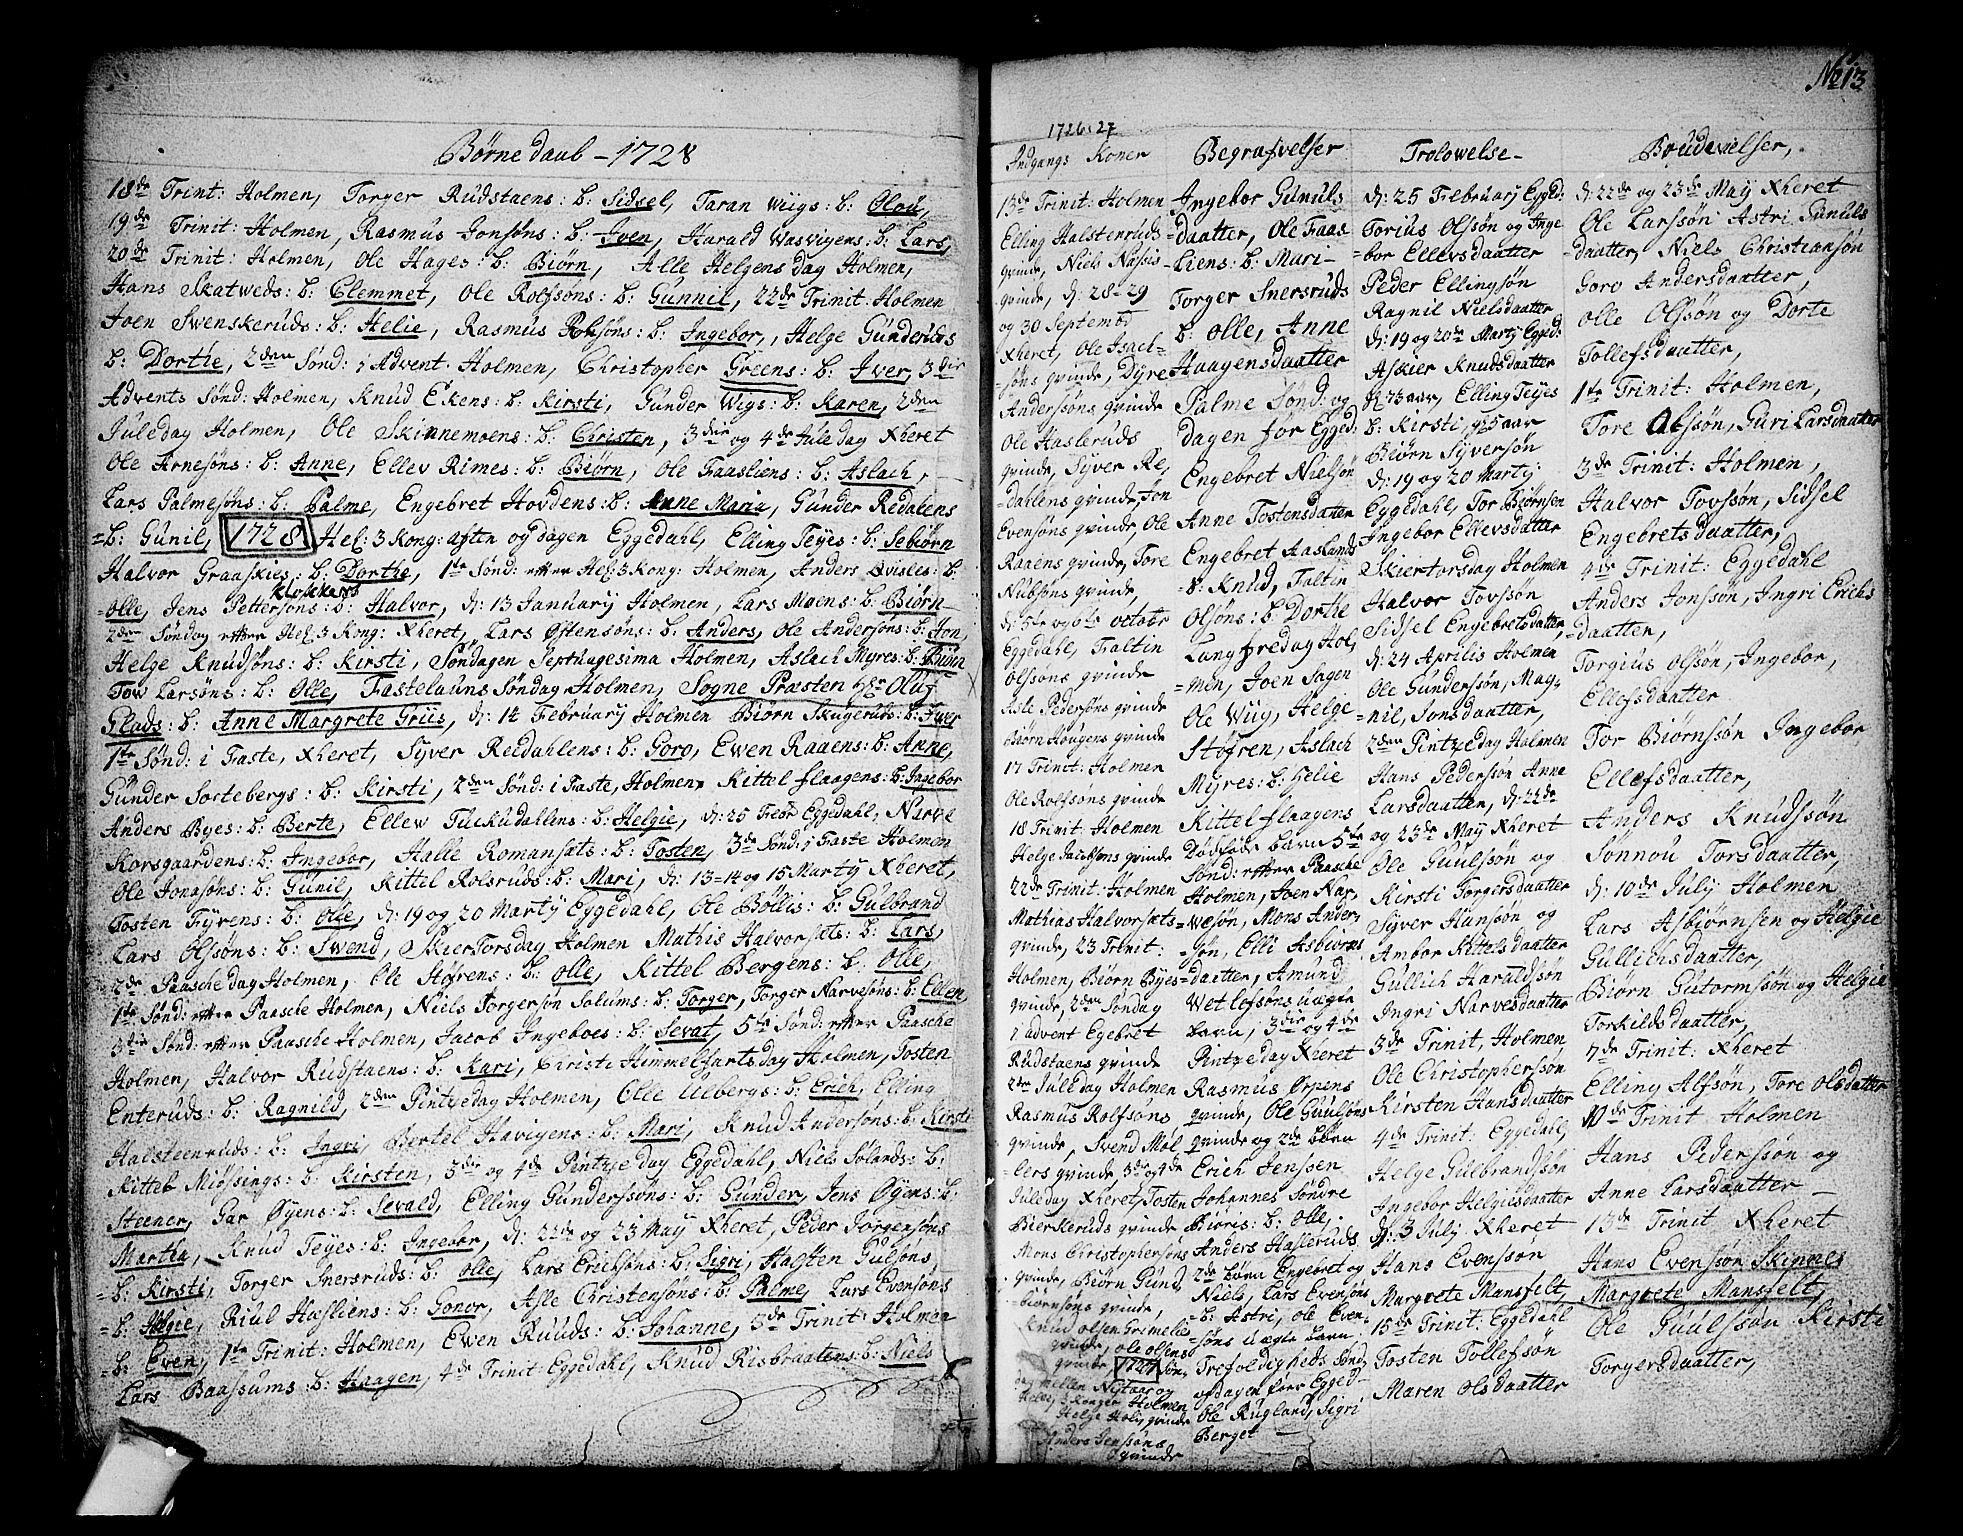 SAKO, Sigdal kirkebøker, F/Fa/L0001: Ministerialbok nr. I 1, 1722-1777, s. 13